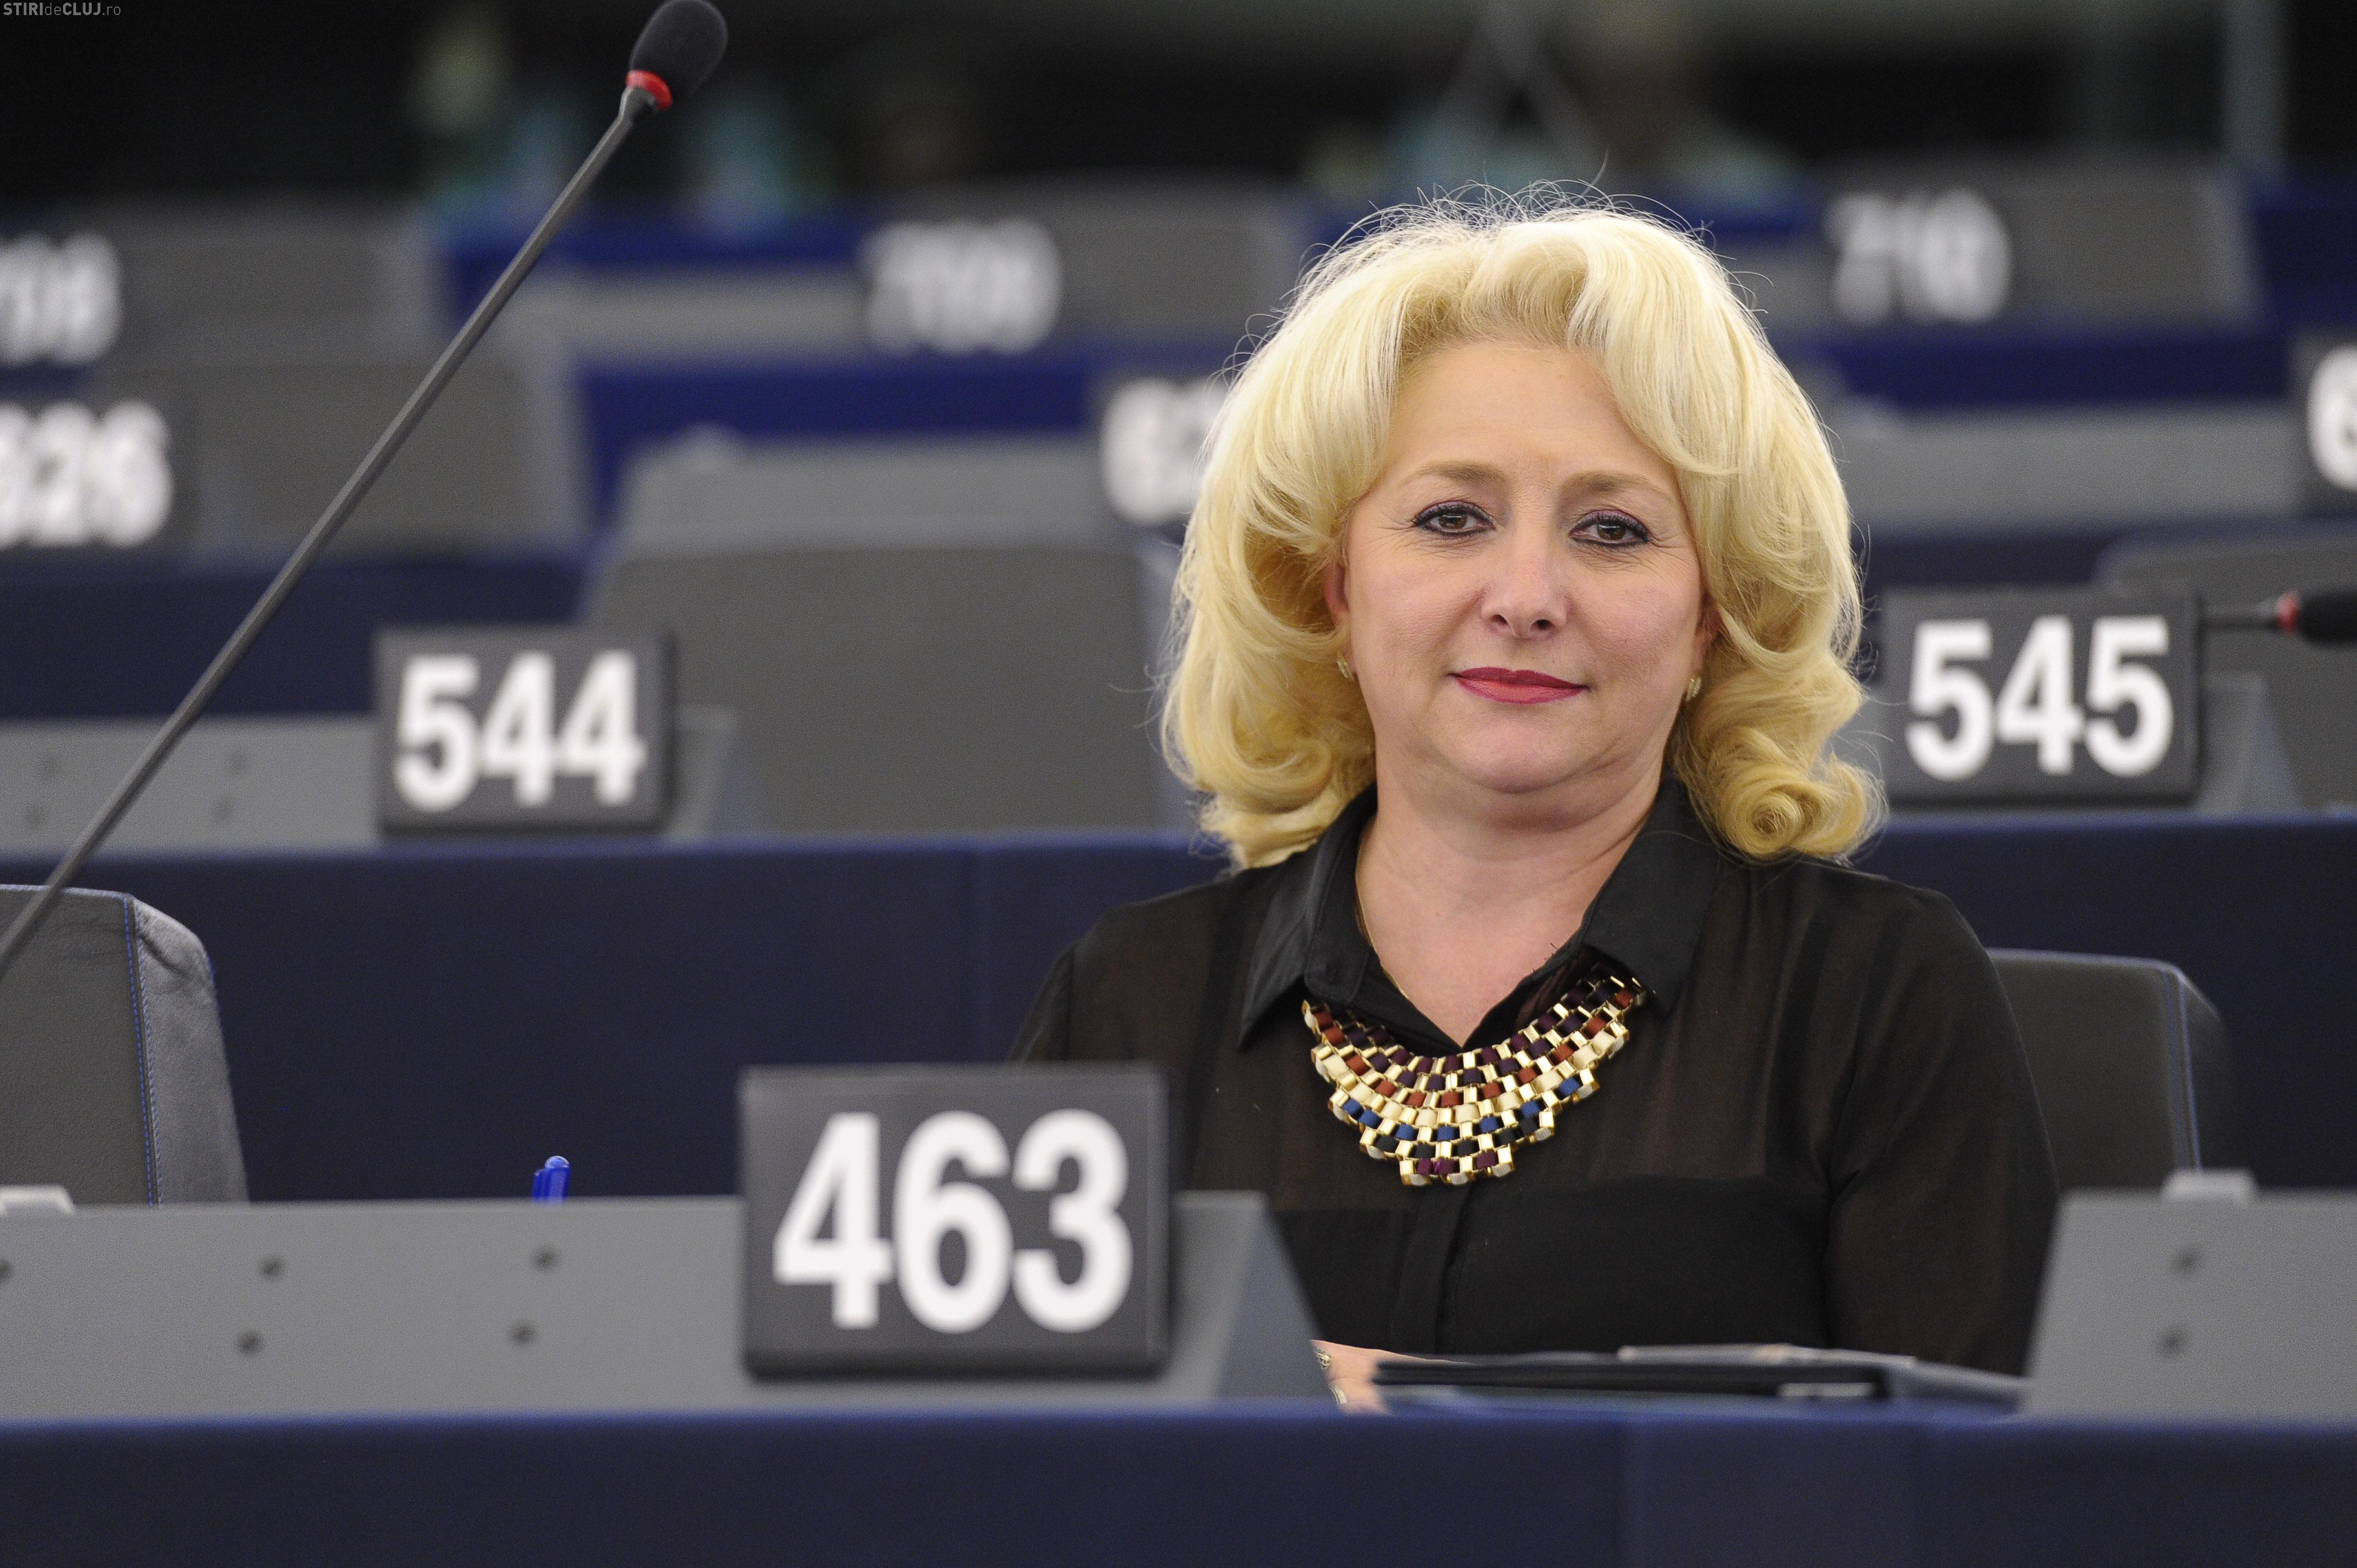 Viorica Dăncilă a dat prima declaraţie după ce PSD a propus-o premier